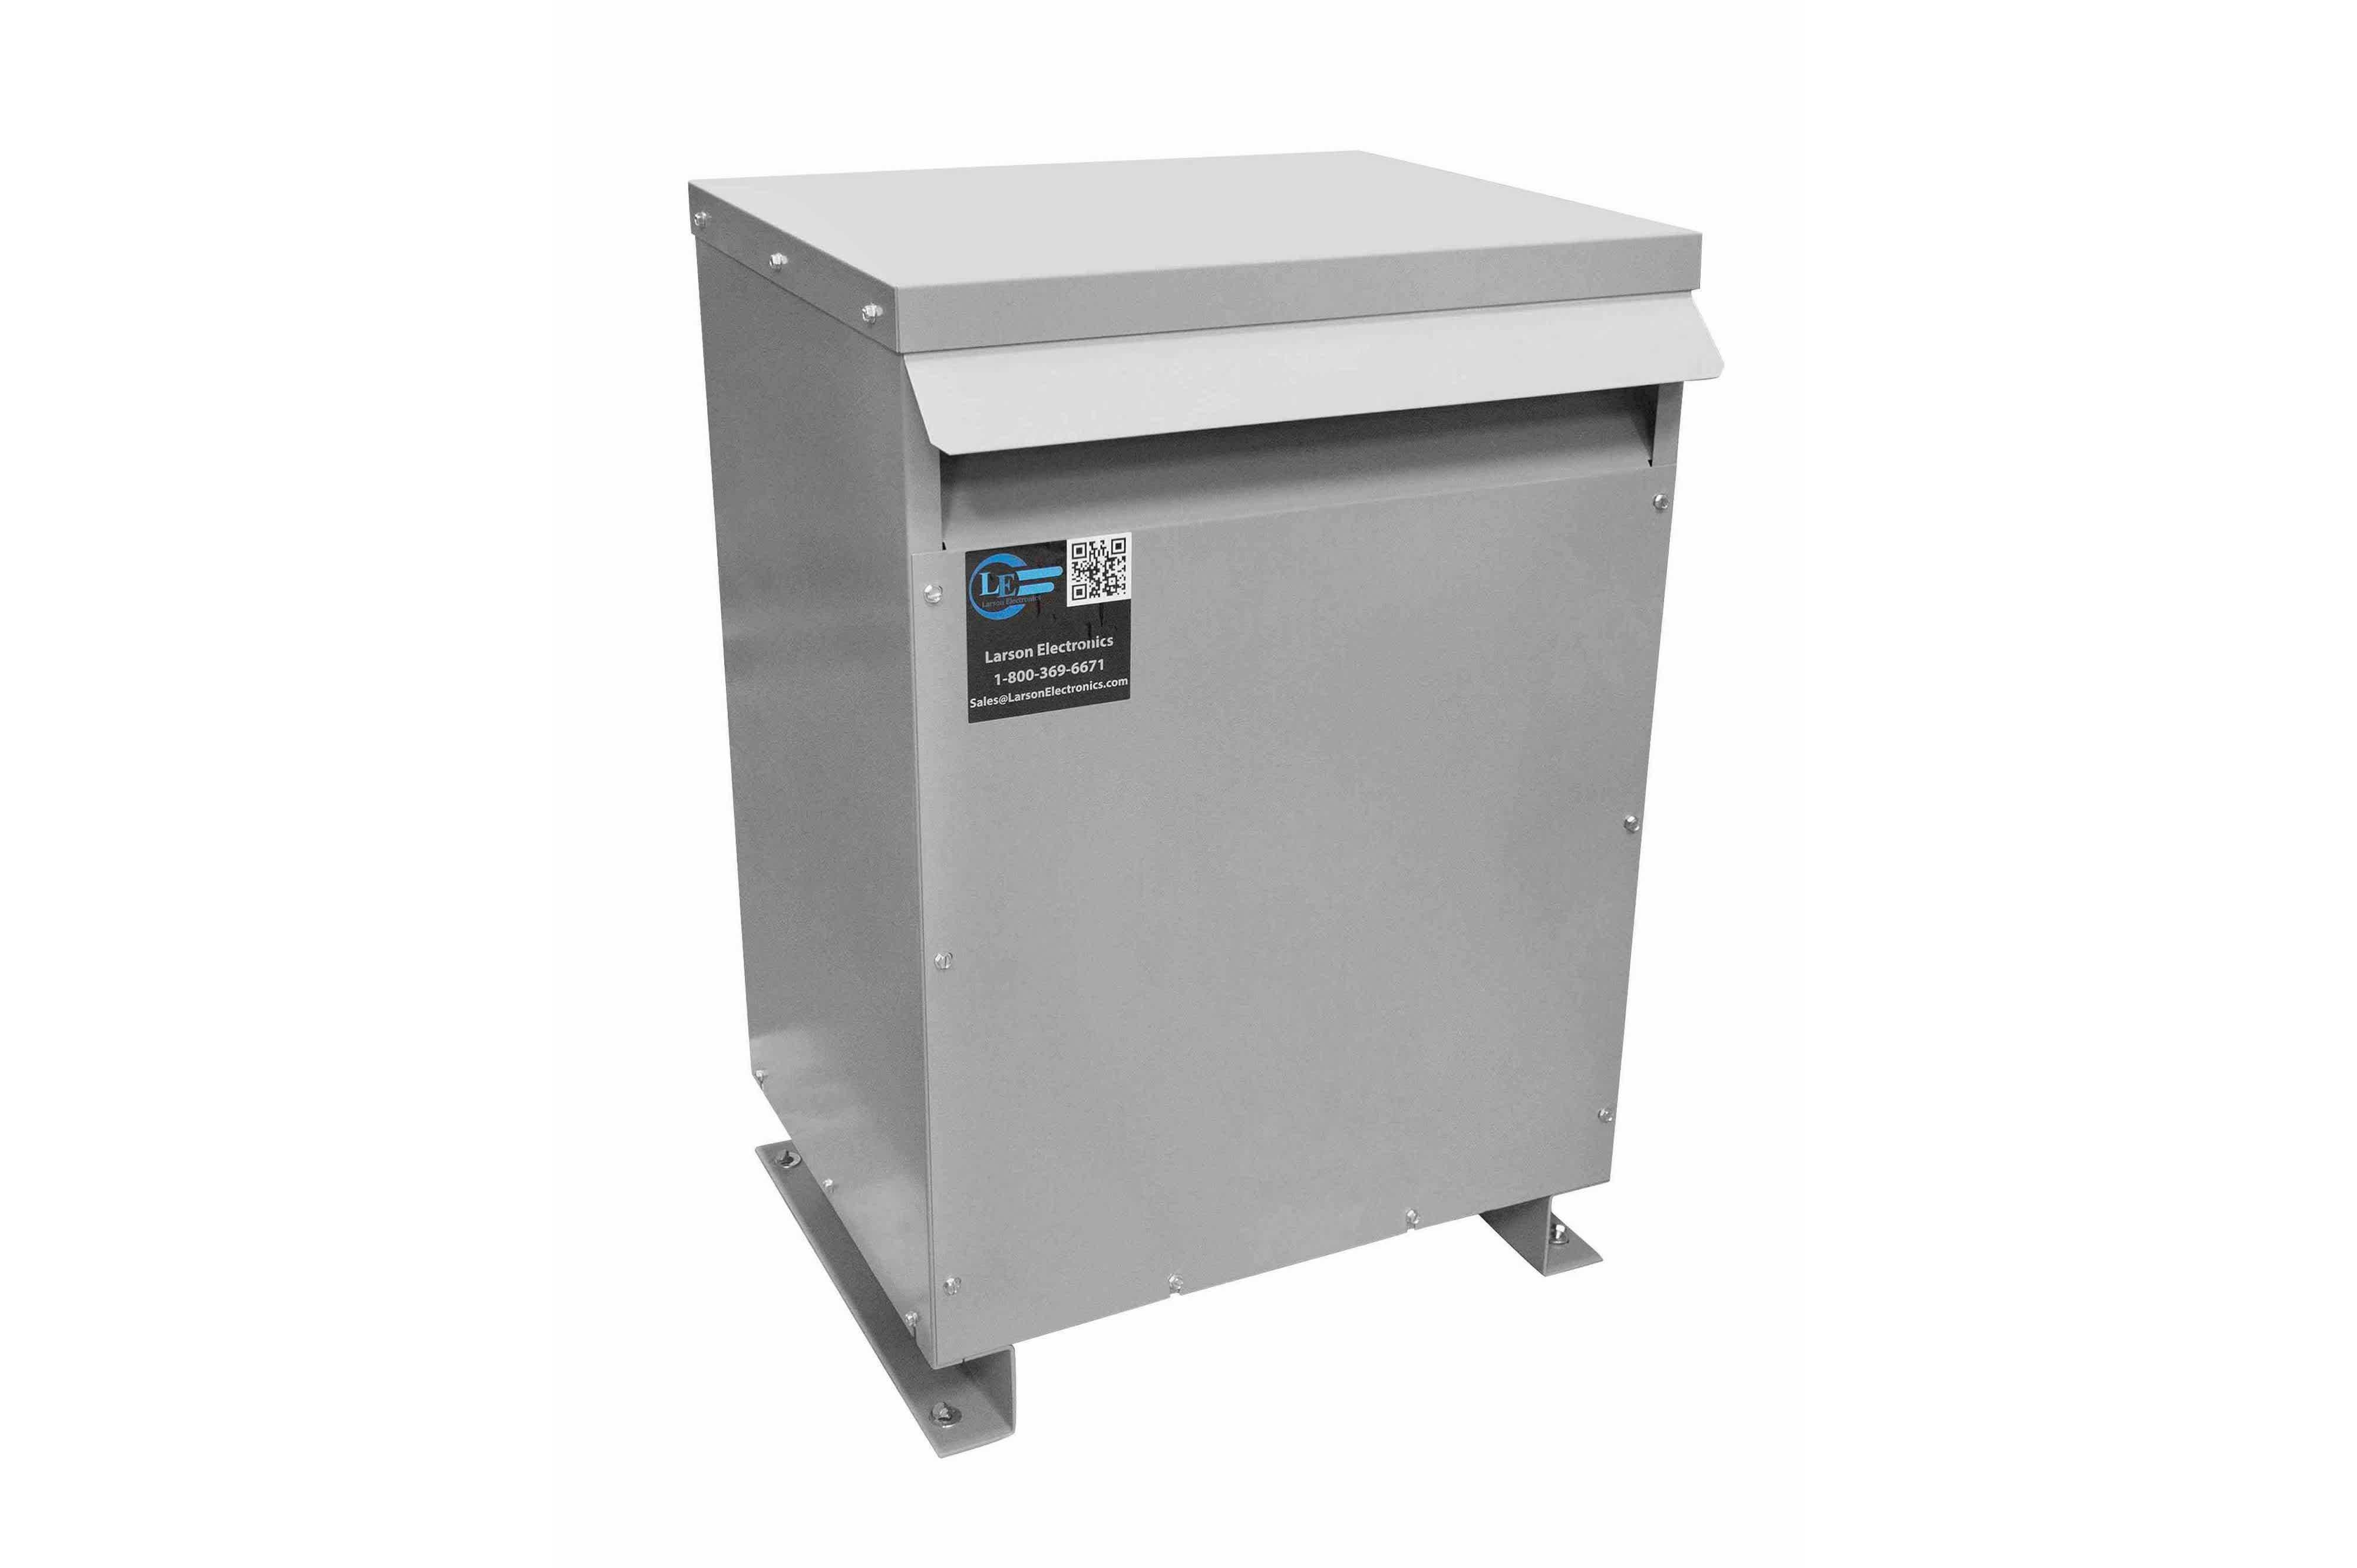 167 kVA 3PH Isolation Transformer, 480V Delta Primary, 480V Delta Secondary, N3R, Ventilated, 60 Hz